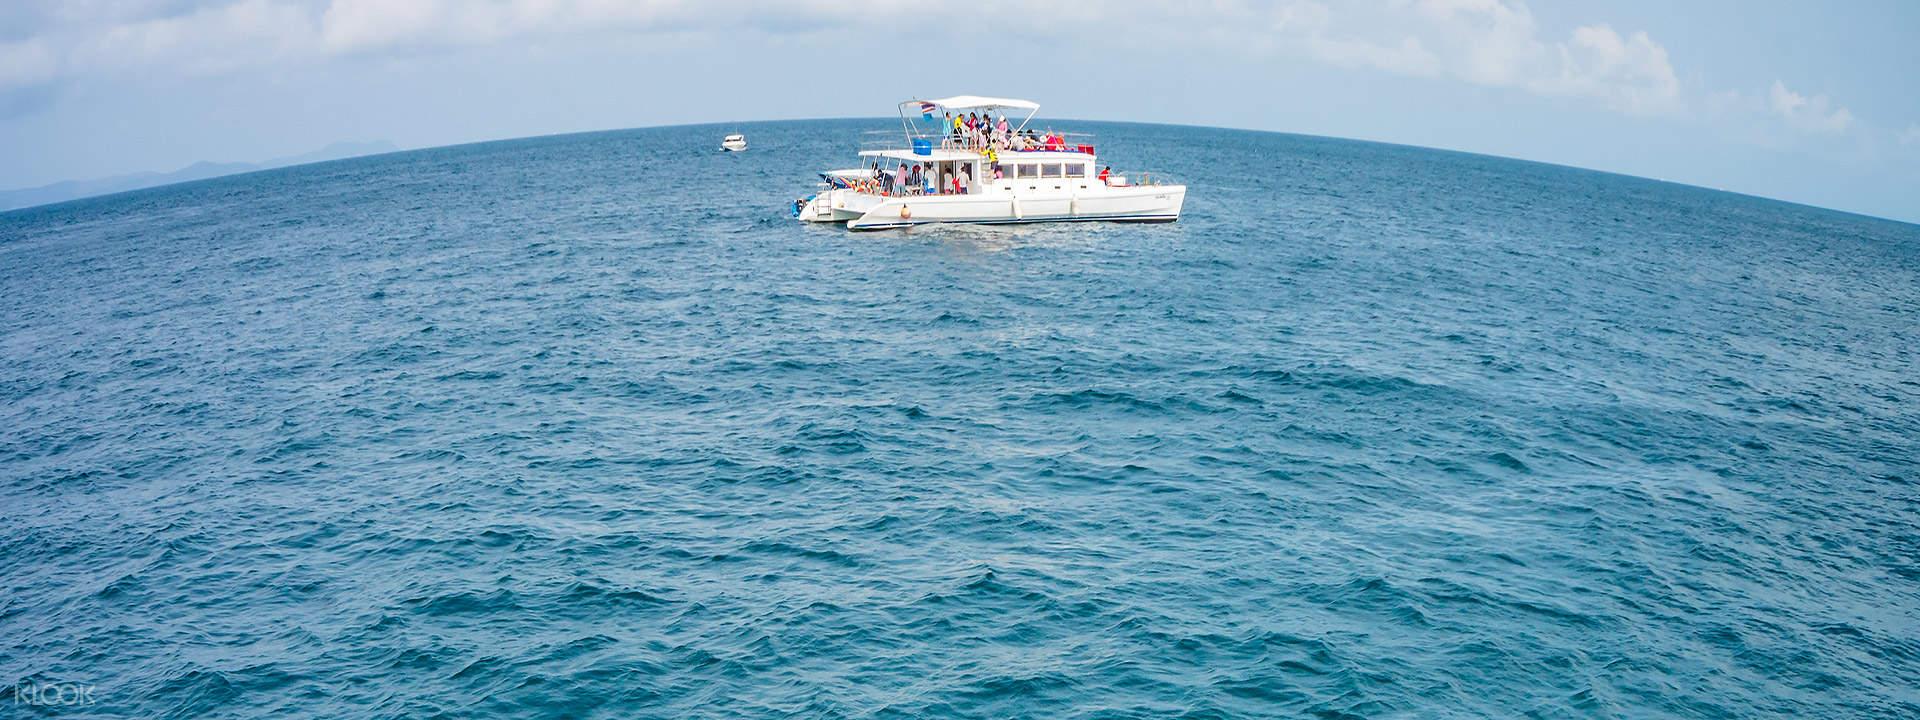 整个旅程感觉很舒服愉快,我很乐意介绍给朋友,来泰国不要再到珊瑚岛